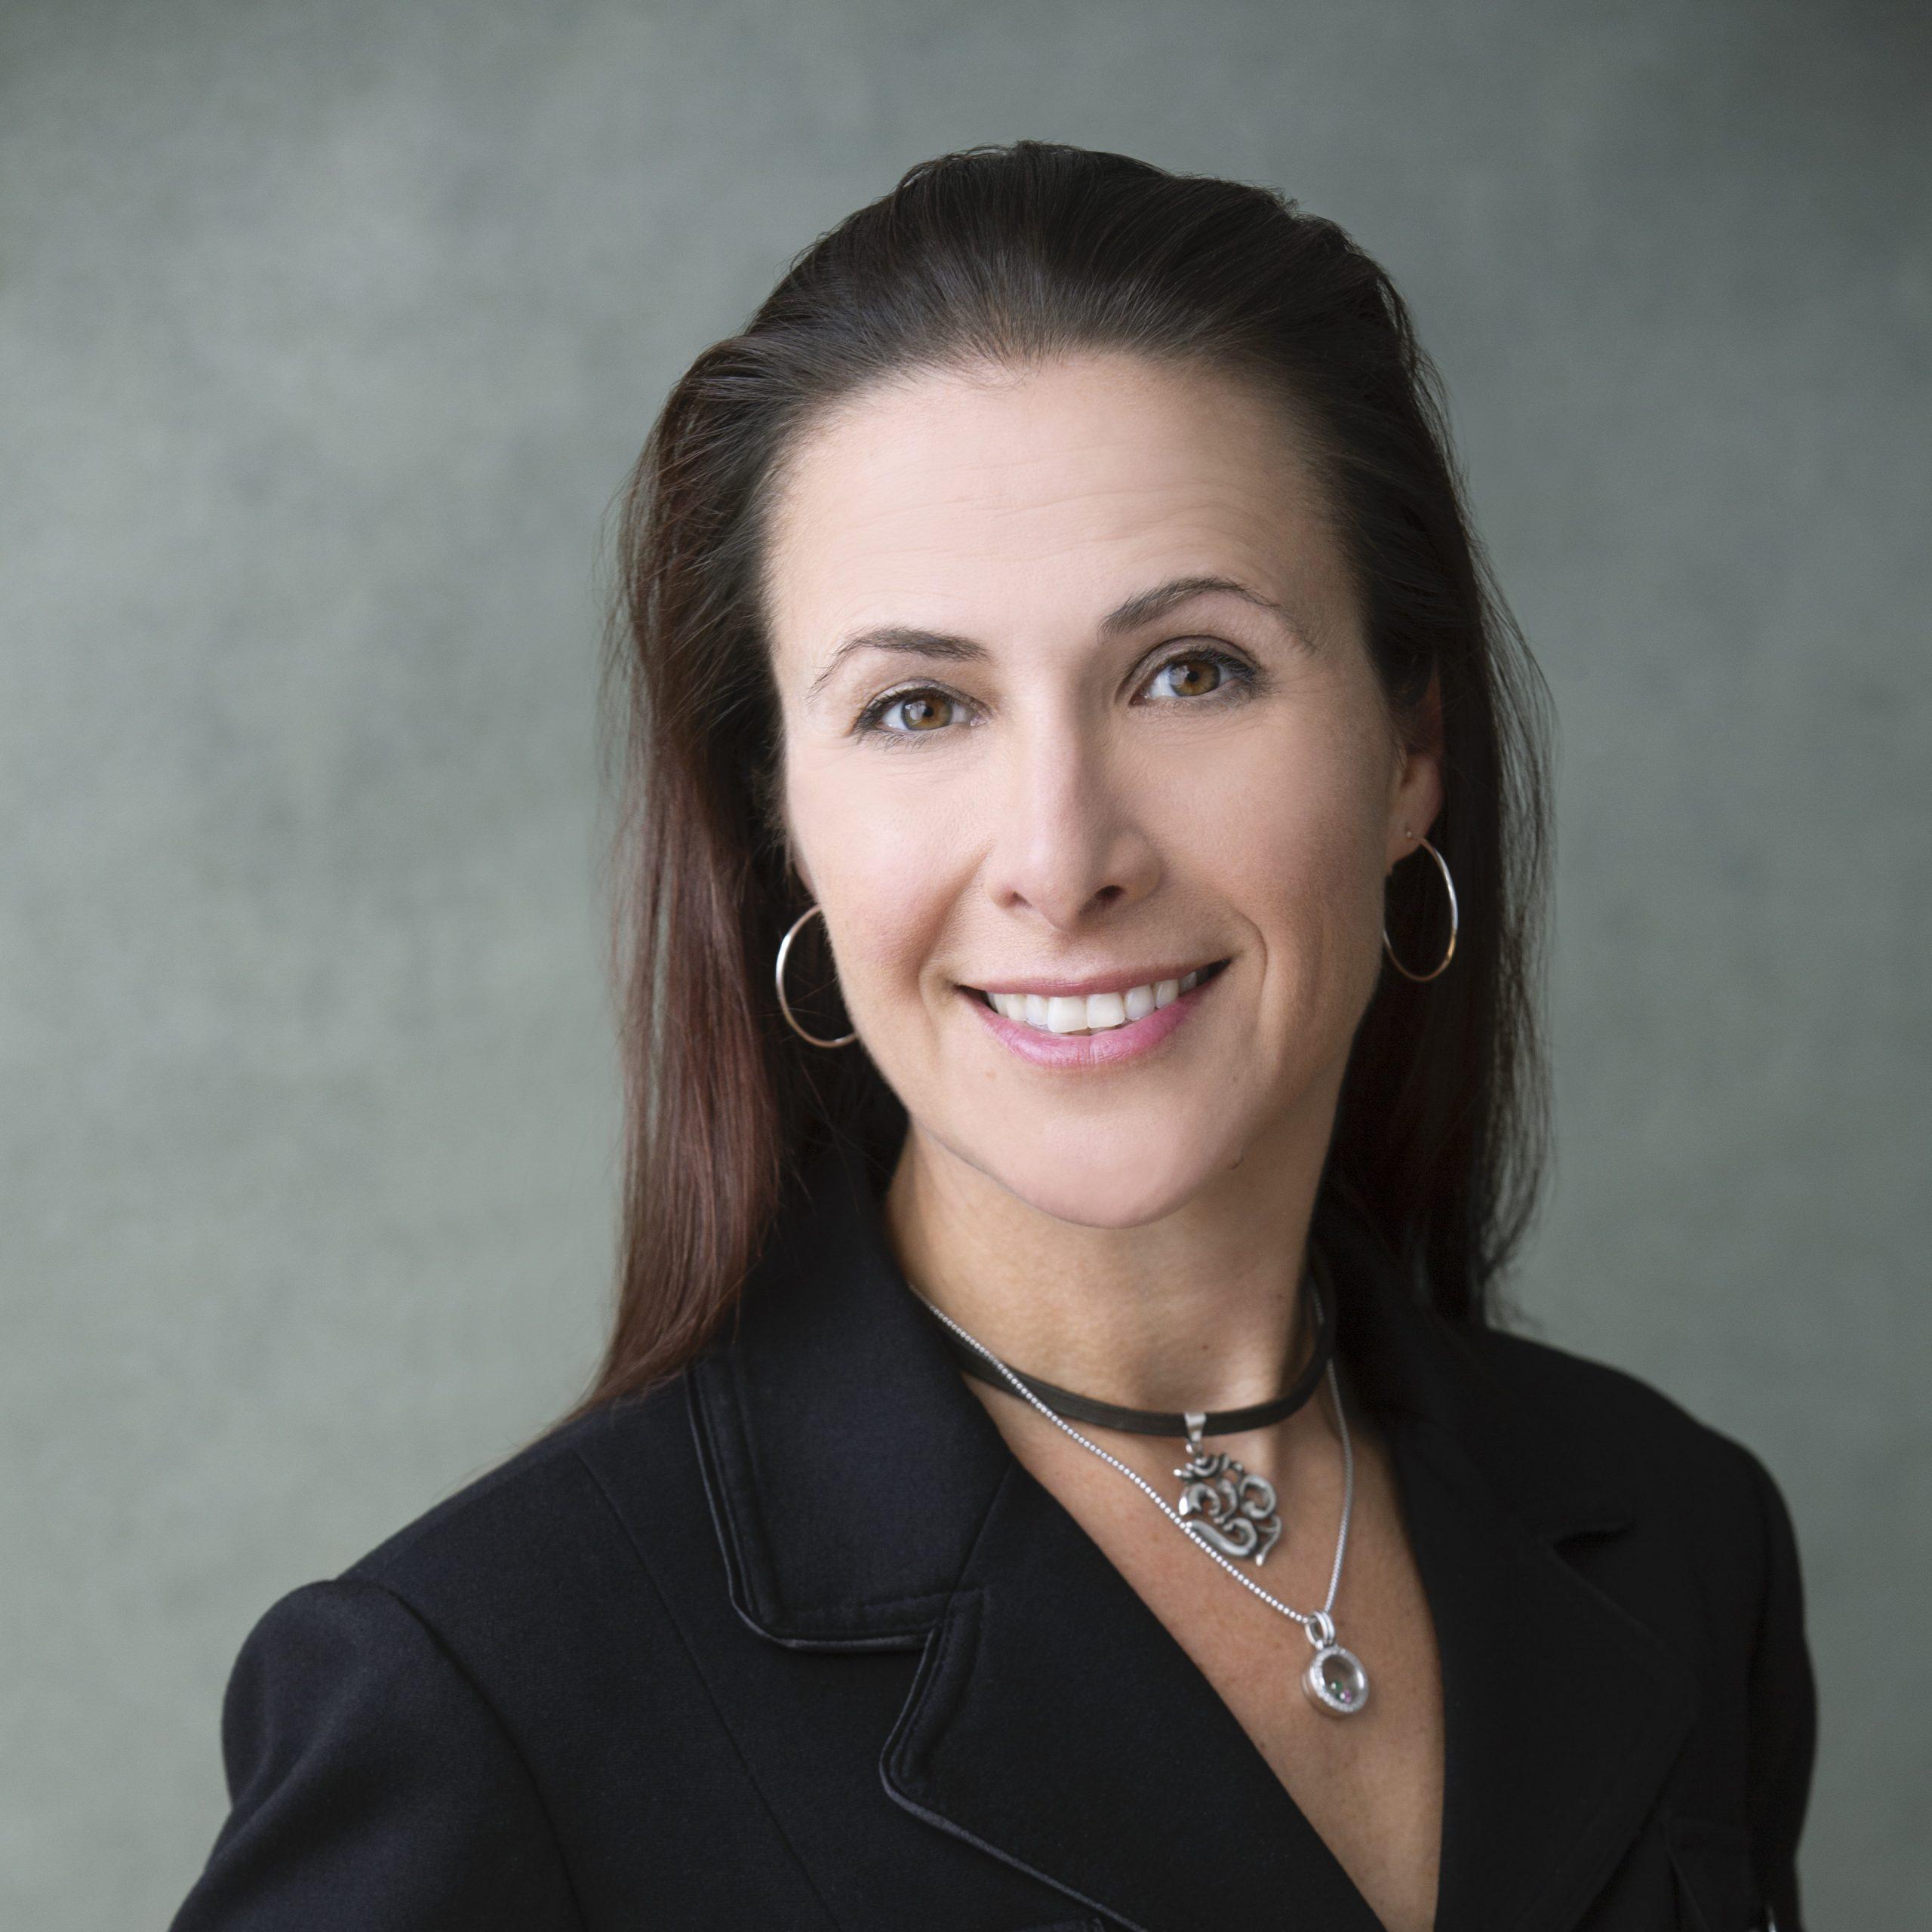 Andrea Aragon headshot